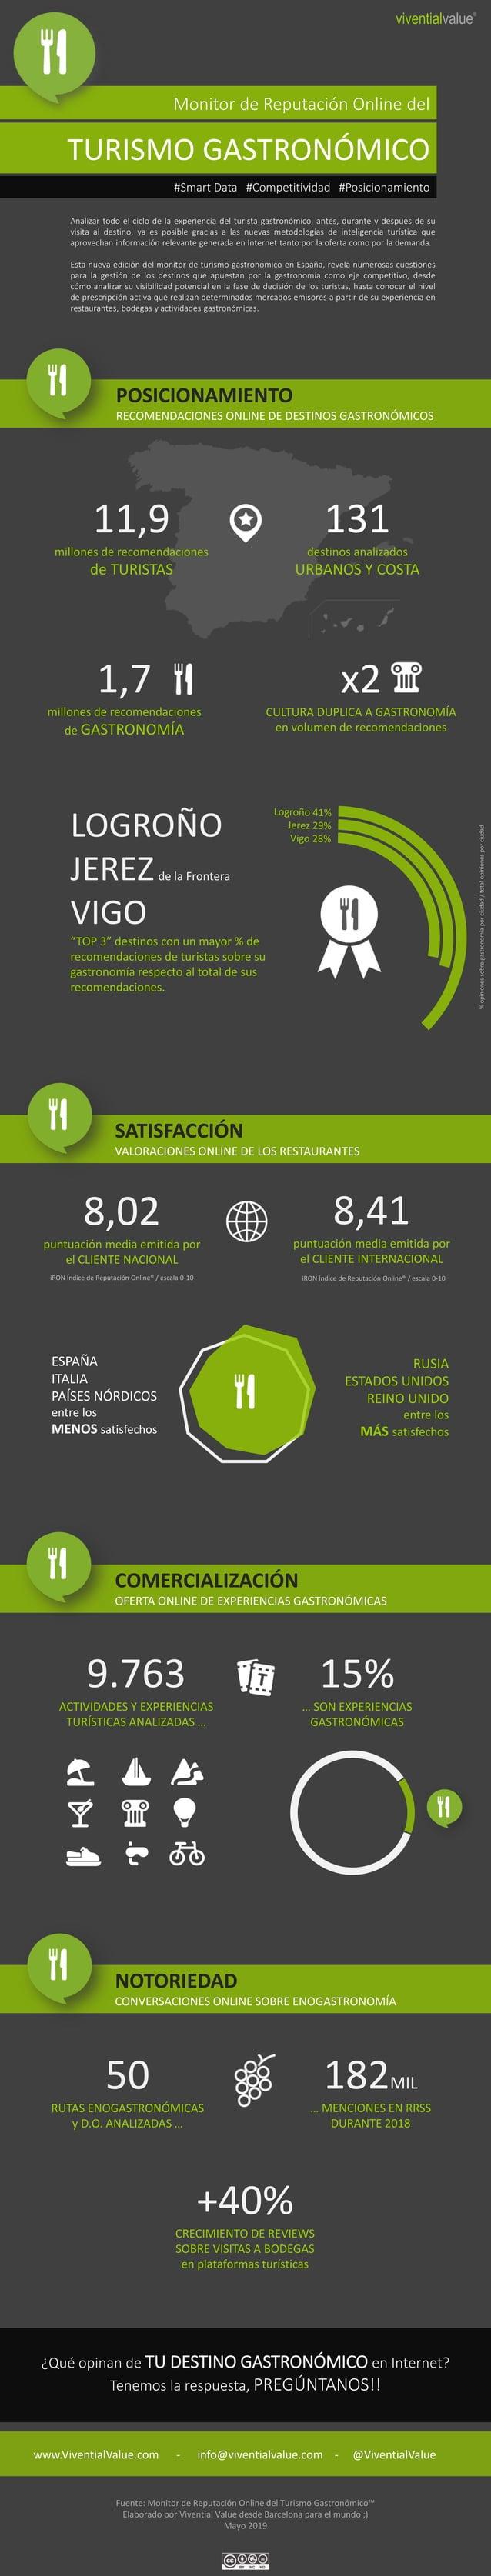 POSICIONAMIENTO RECOMENDACIONES ONLINE DE DESTINOS GASTRONÓMICOS 131 destinos analizados URBANOS Y COSTA 1,7 millones de r...